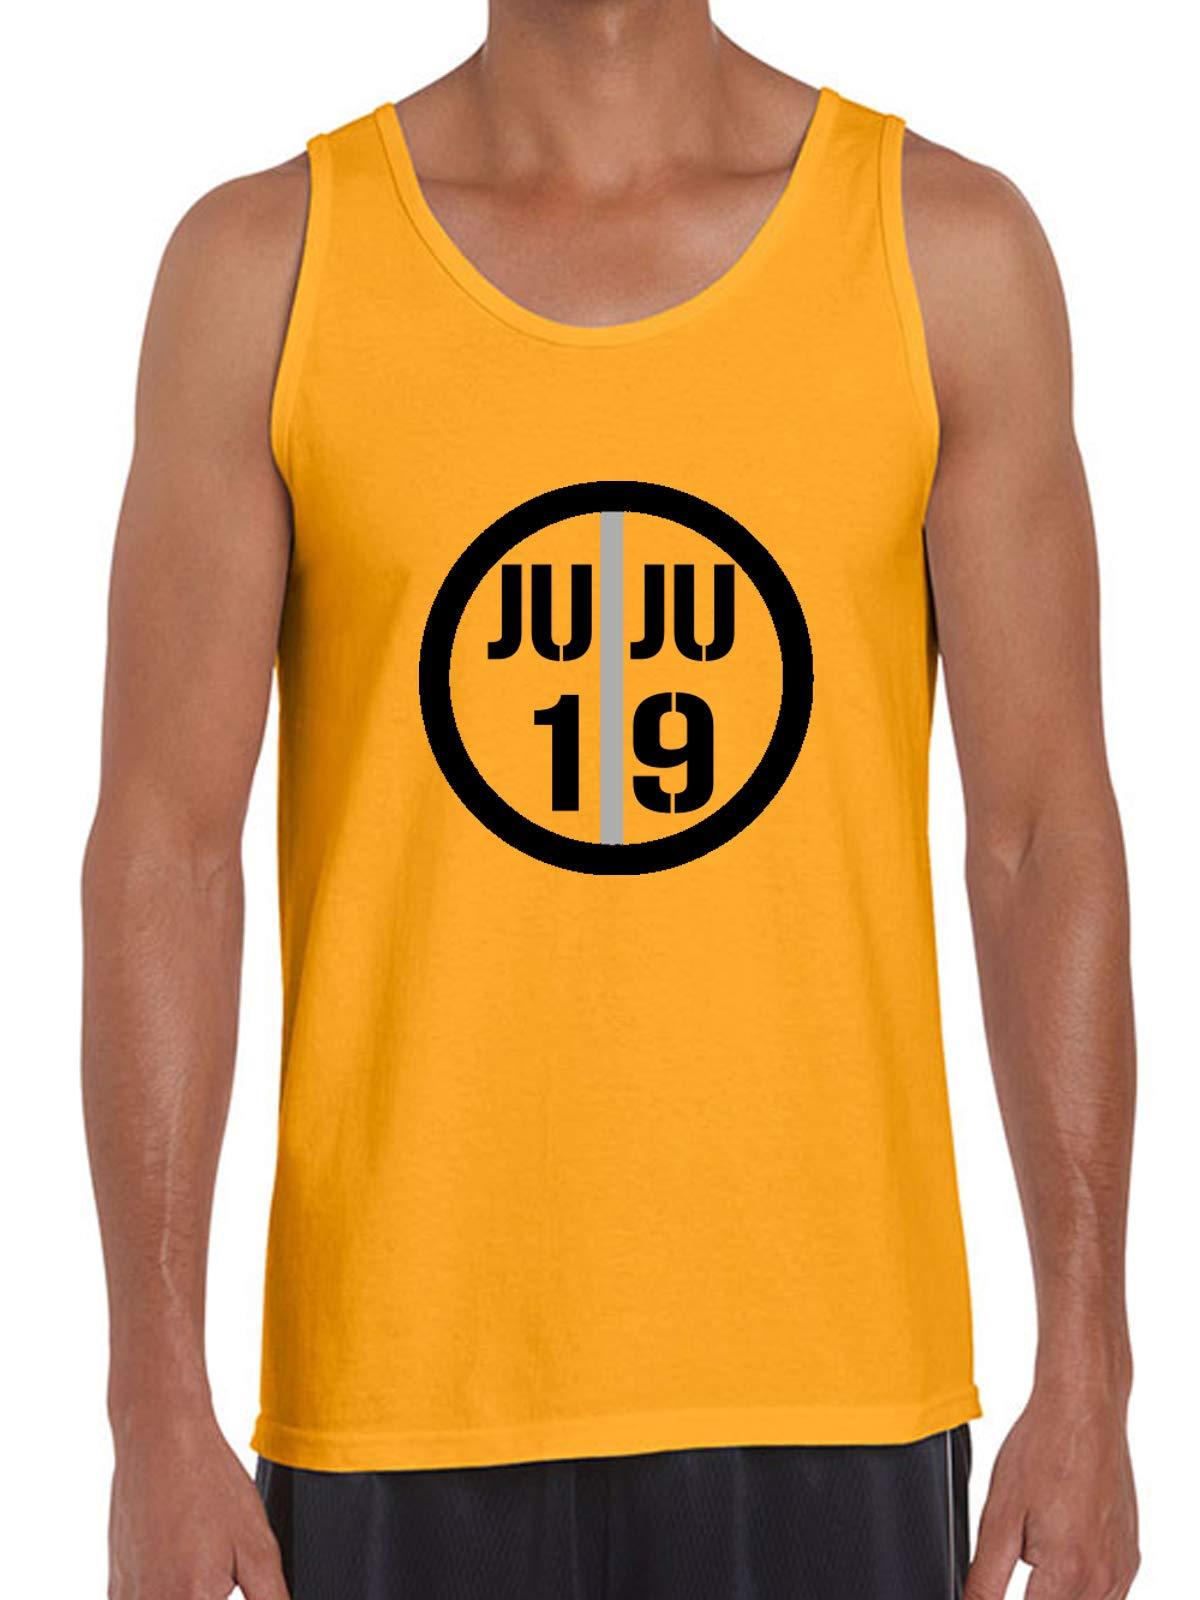 Gold Pittsburgh Juju Ju Ju Logo Tank Top Shirts